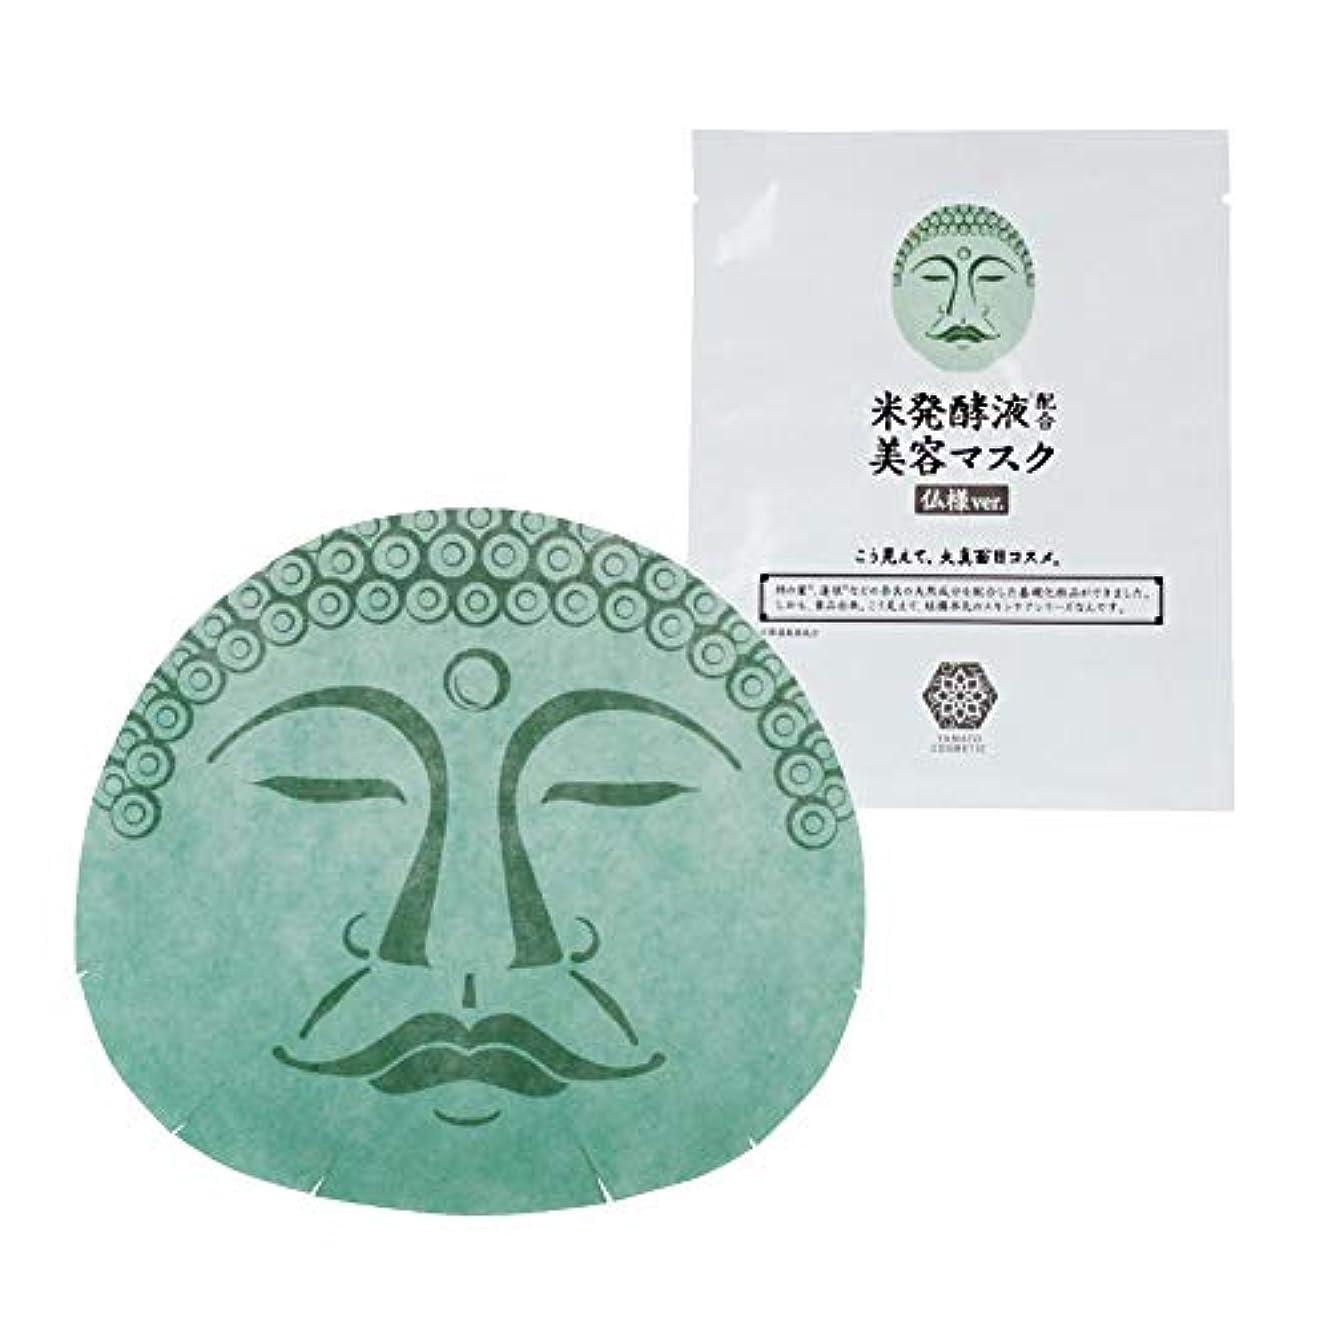 ウェーハやむを得ないだますやまとコスメティック 美容液マスク 25mL 1枚 仏様 仏様パック